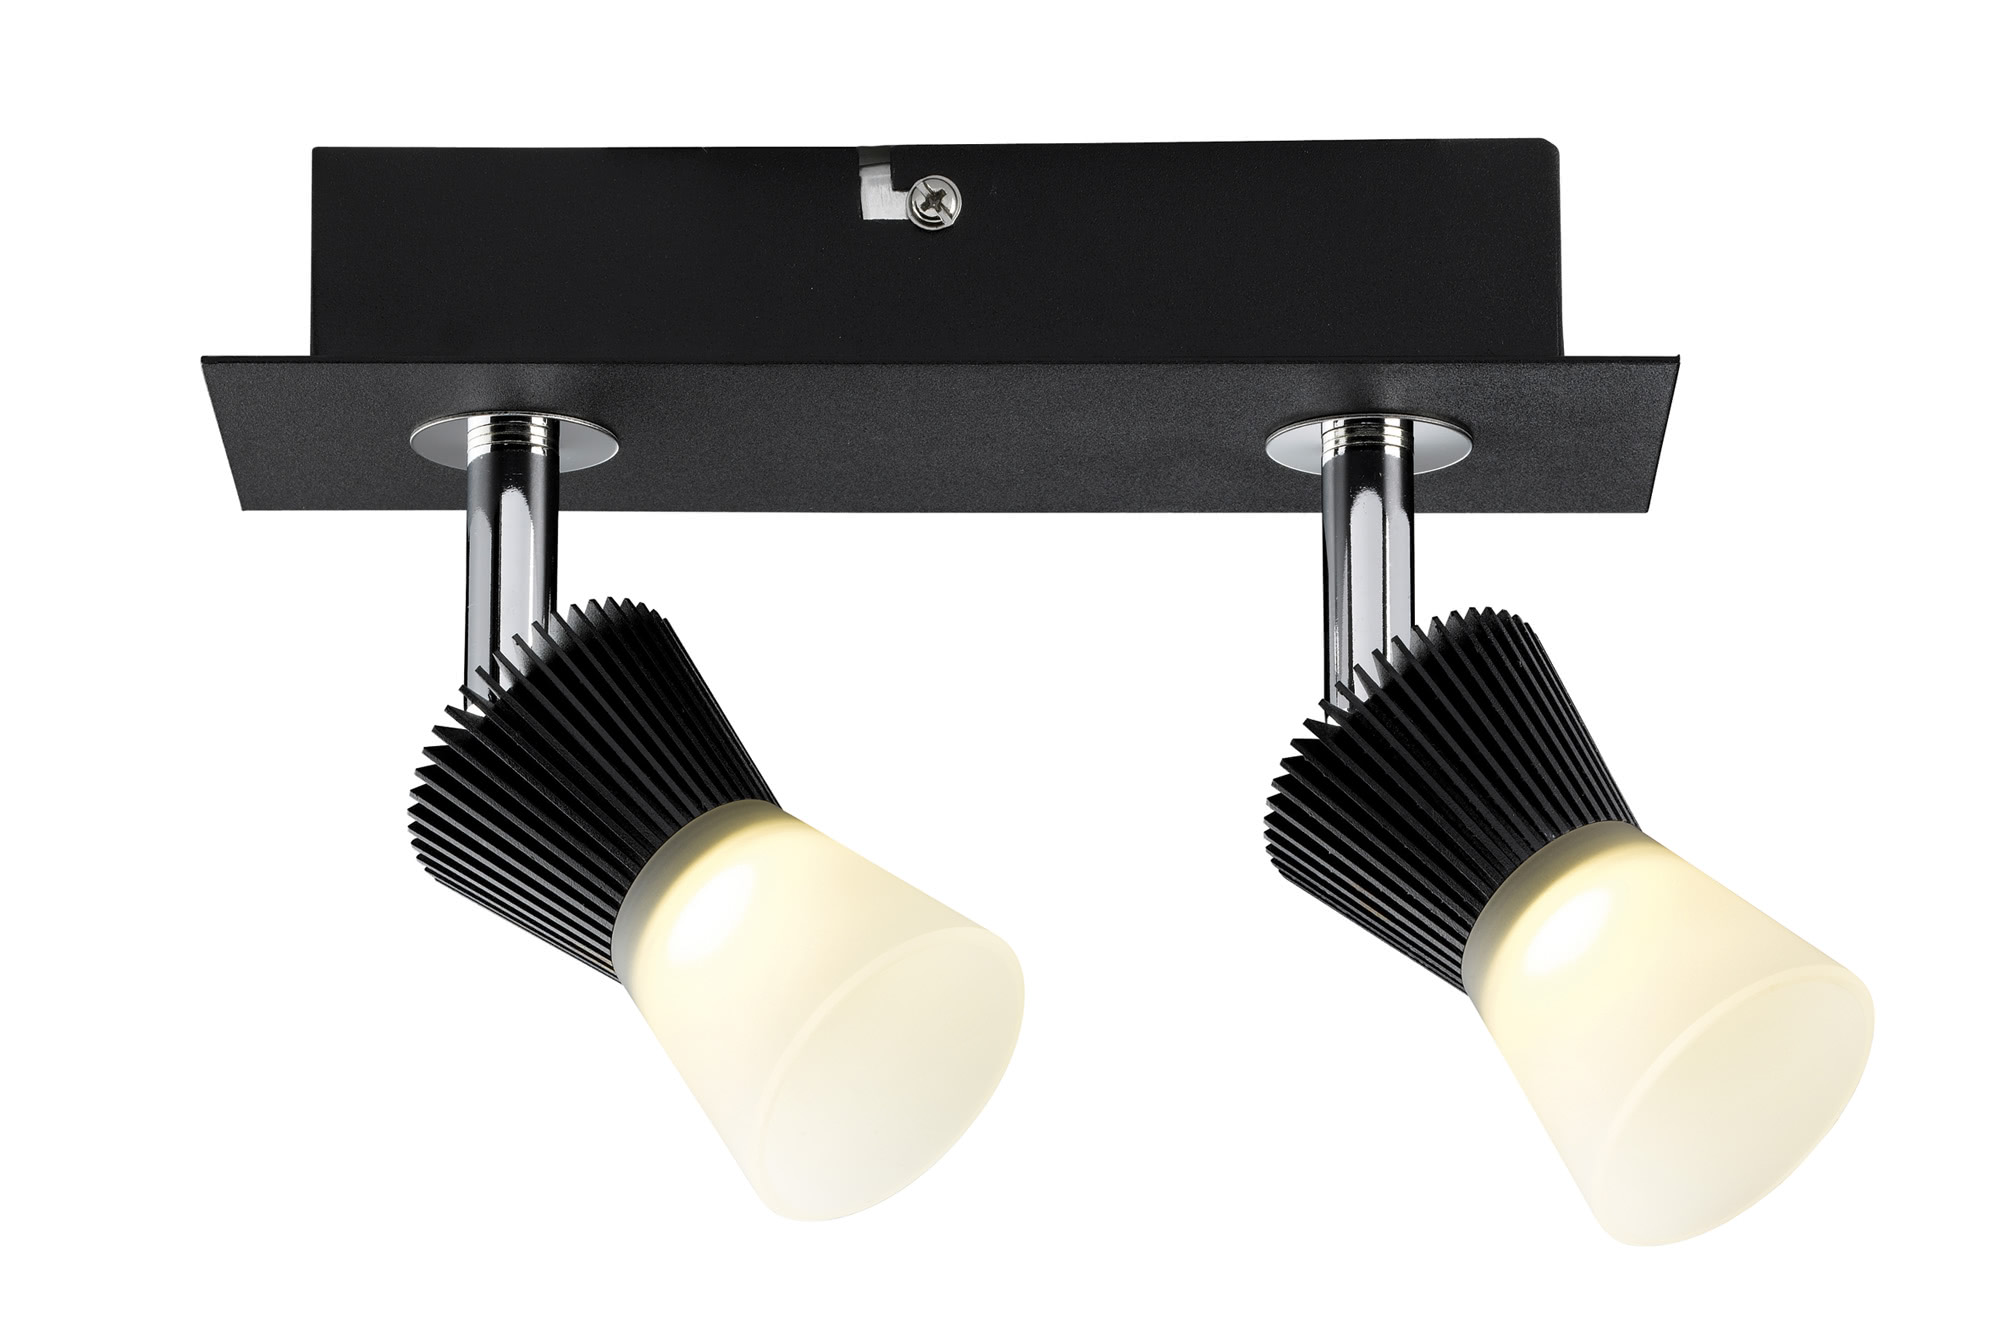 Paulmann. 60202 Светильник Konos LED,2x 3 W, 230/12 V,3000 K/2x 200 lm, черный